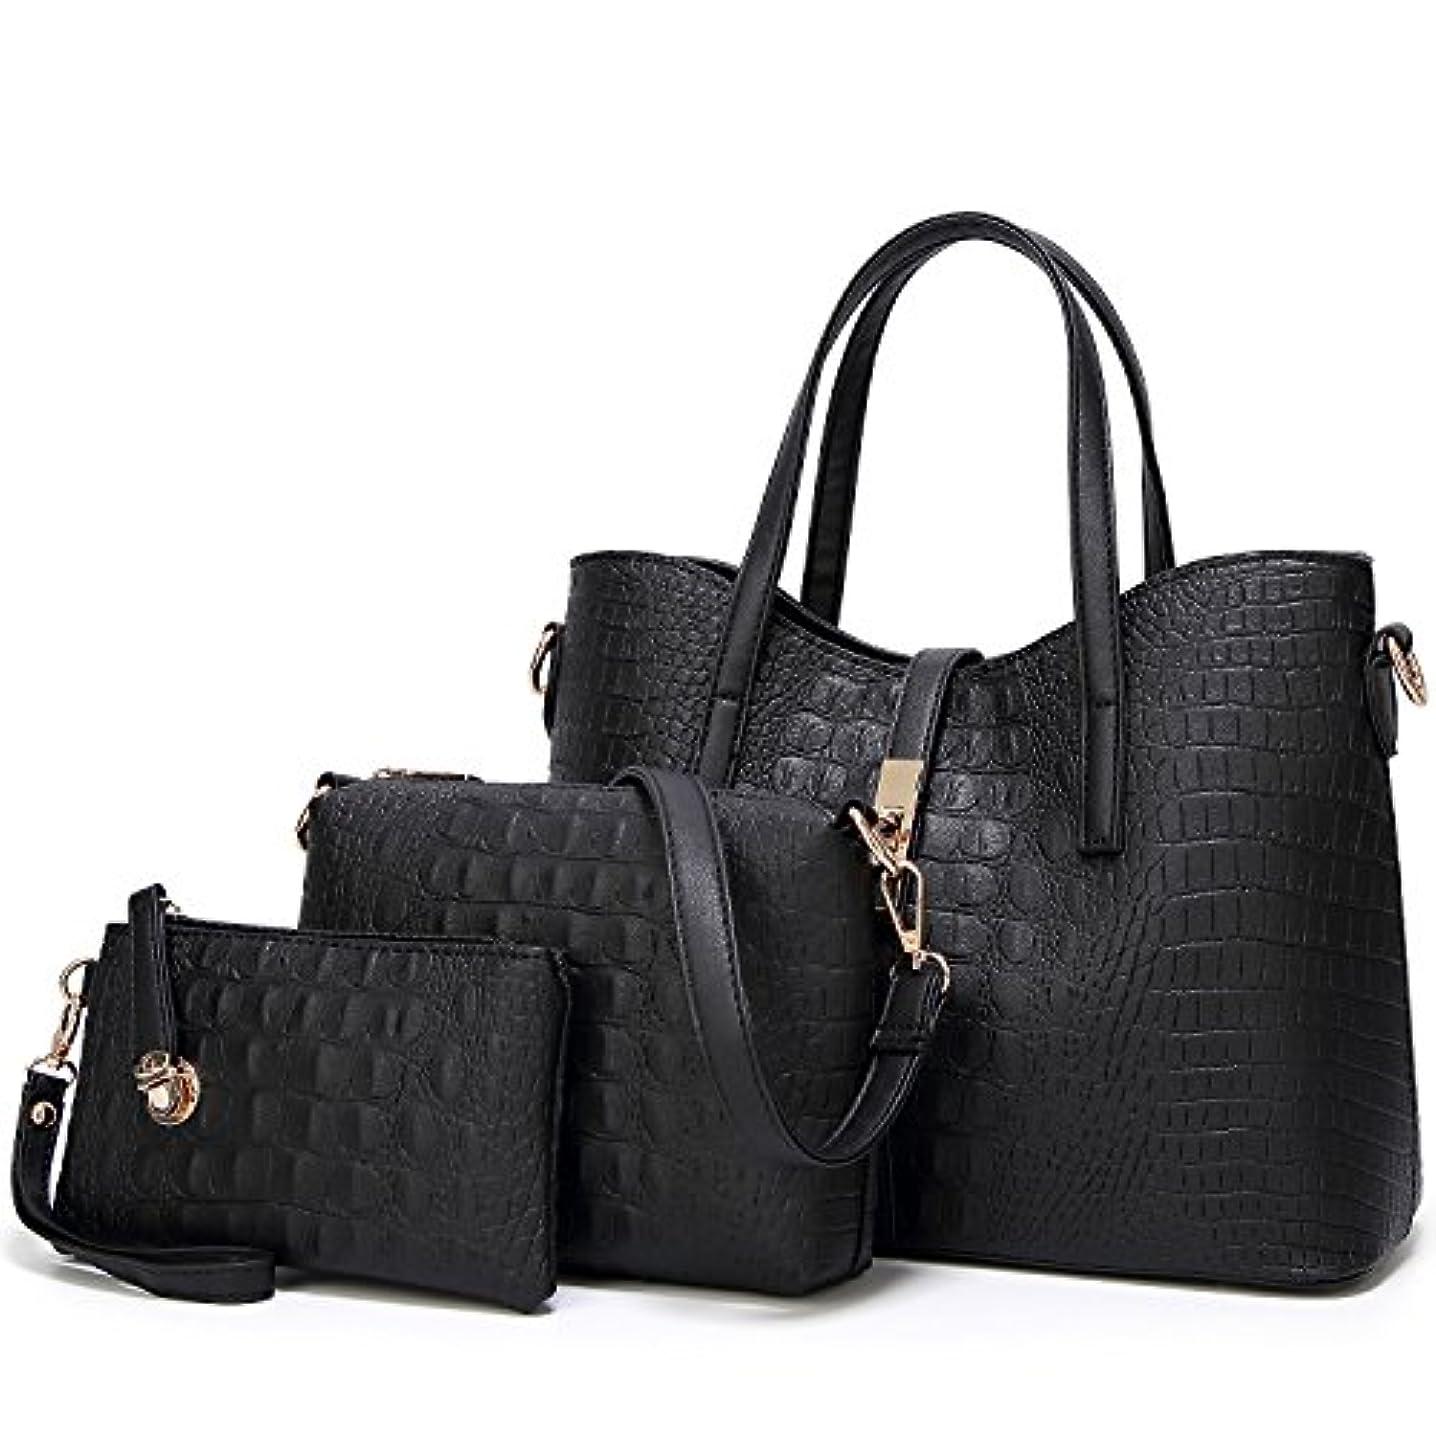 作りほめるについて[TcIFE] ハンドバッグ レディース トートバッグ 大容量 無地 ショルダーバッグ 2way 財布とハンドバッグ